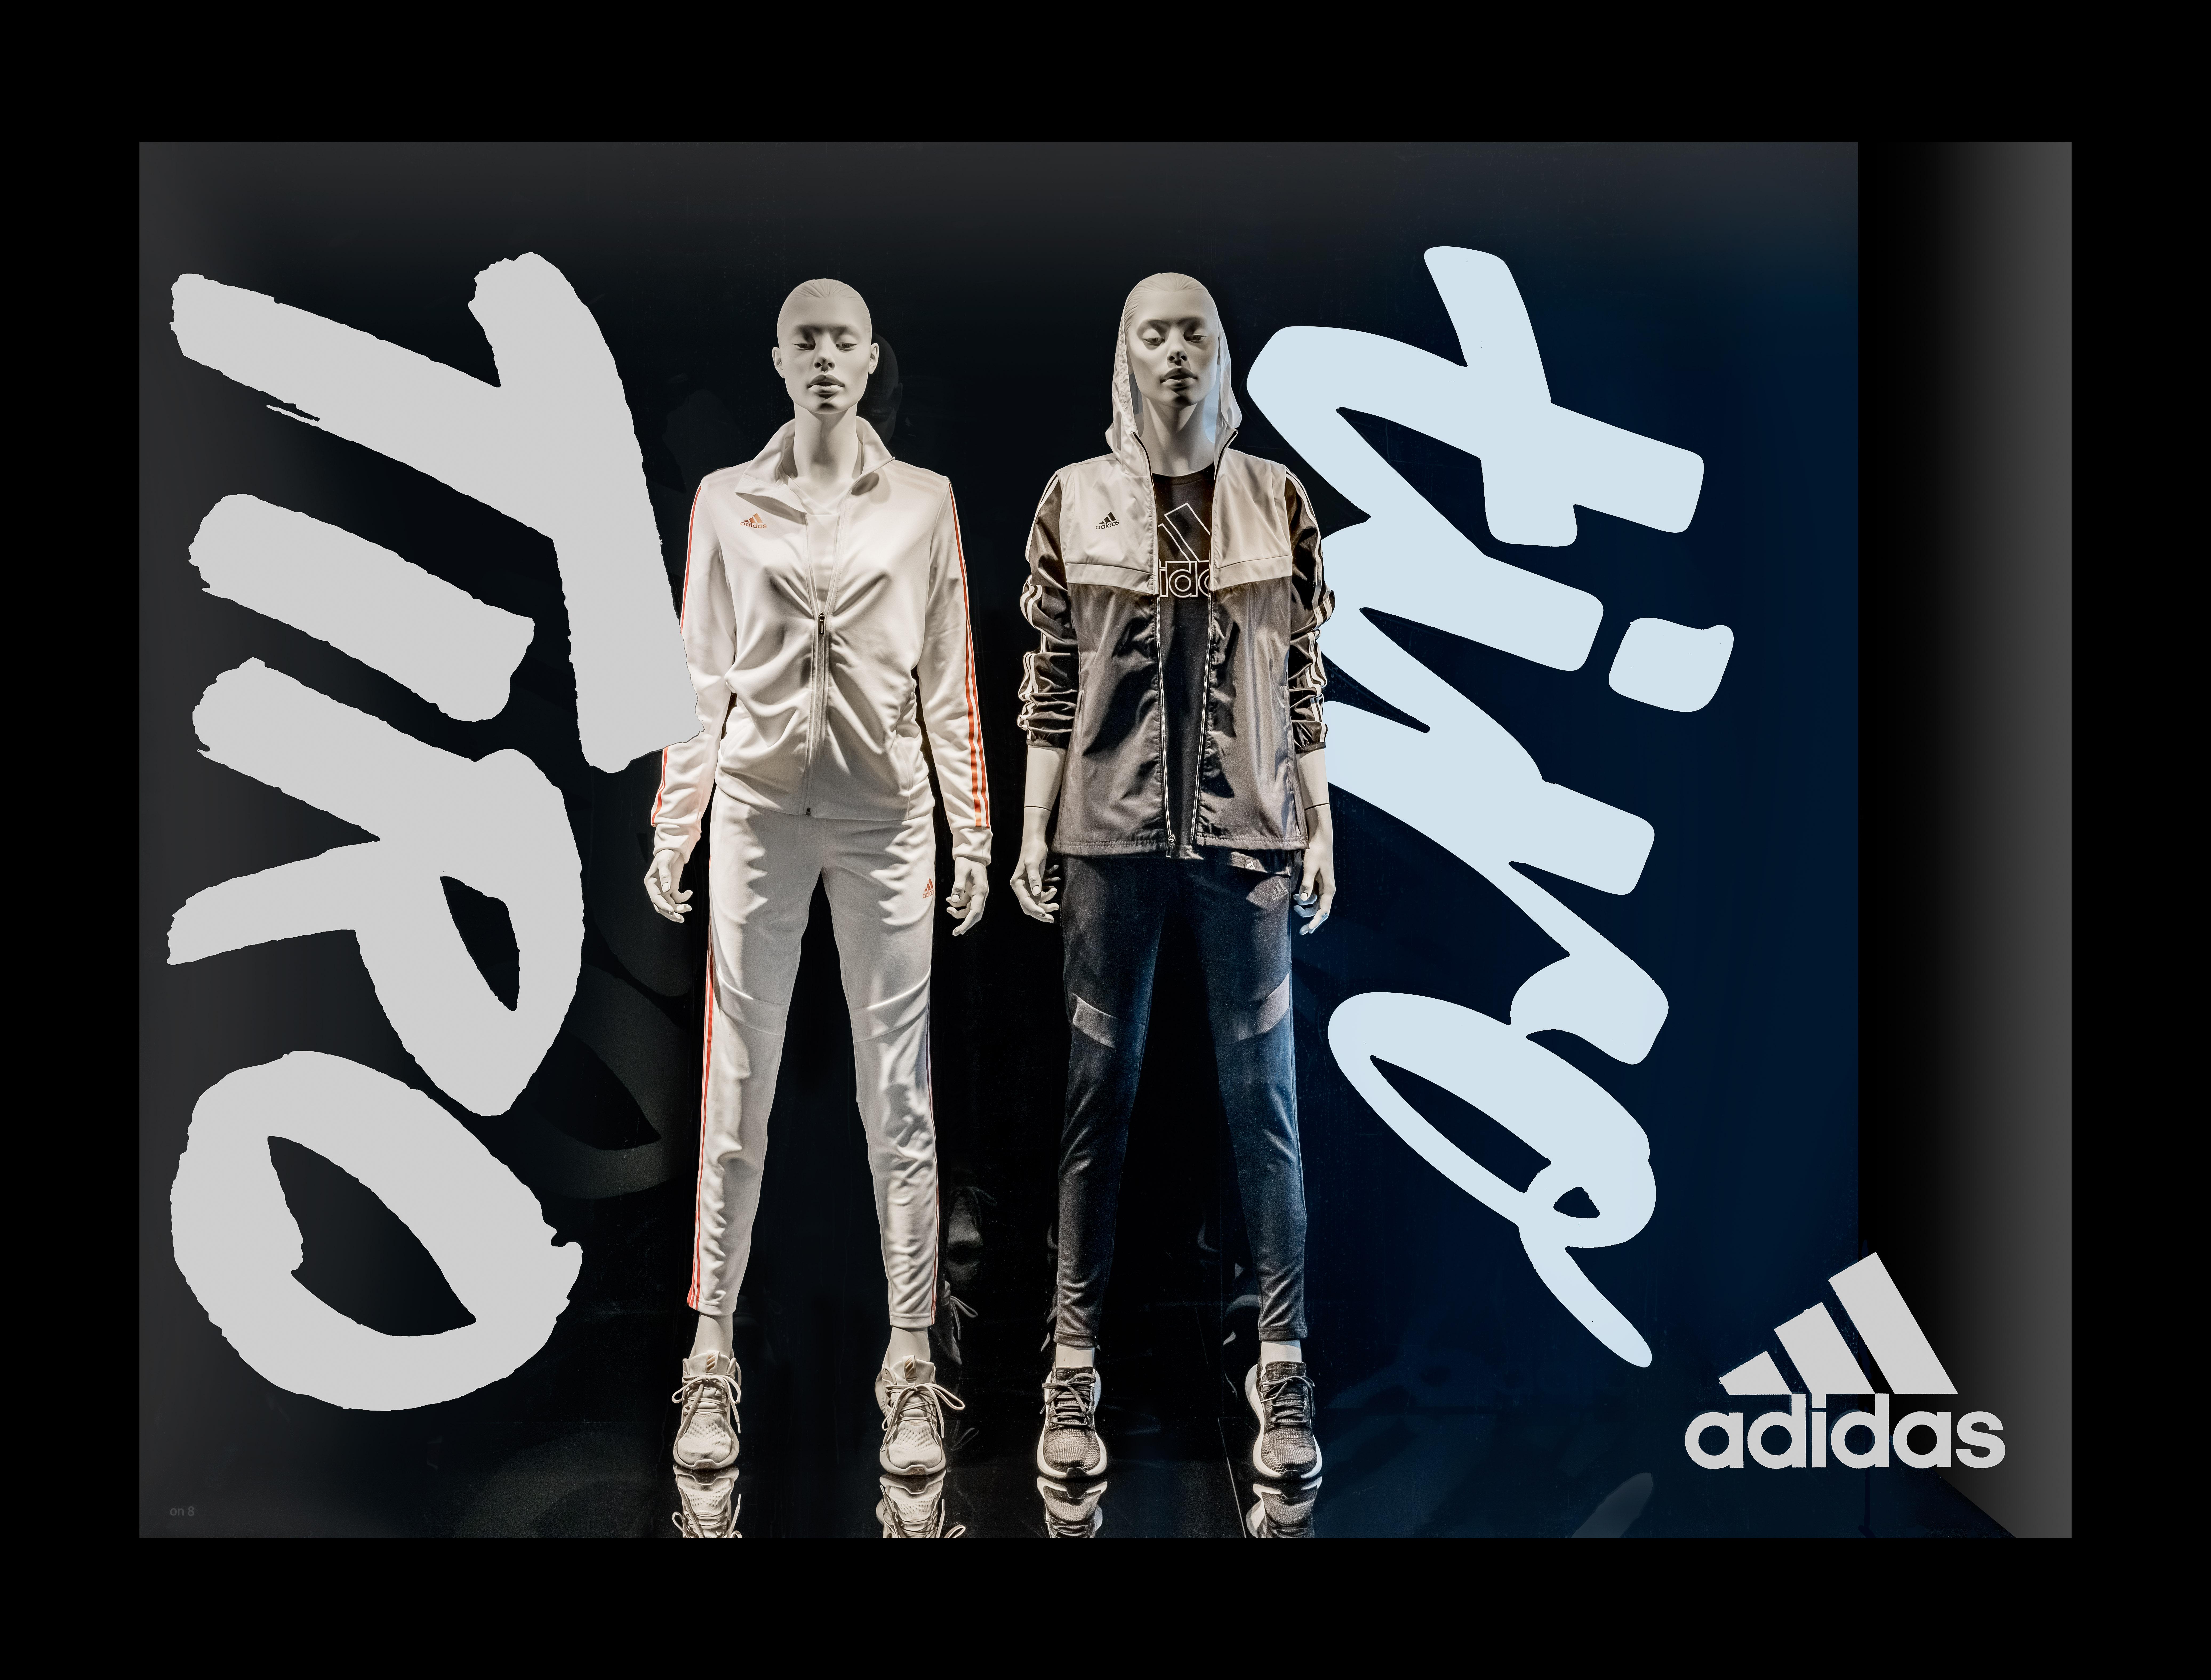 Adidas-05